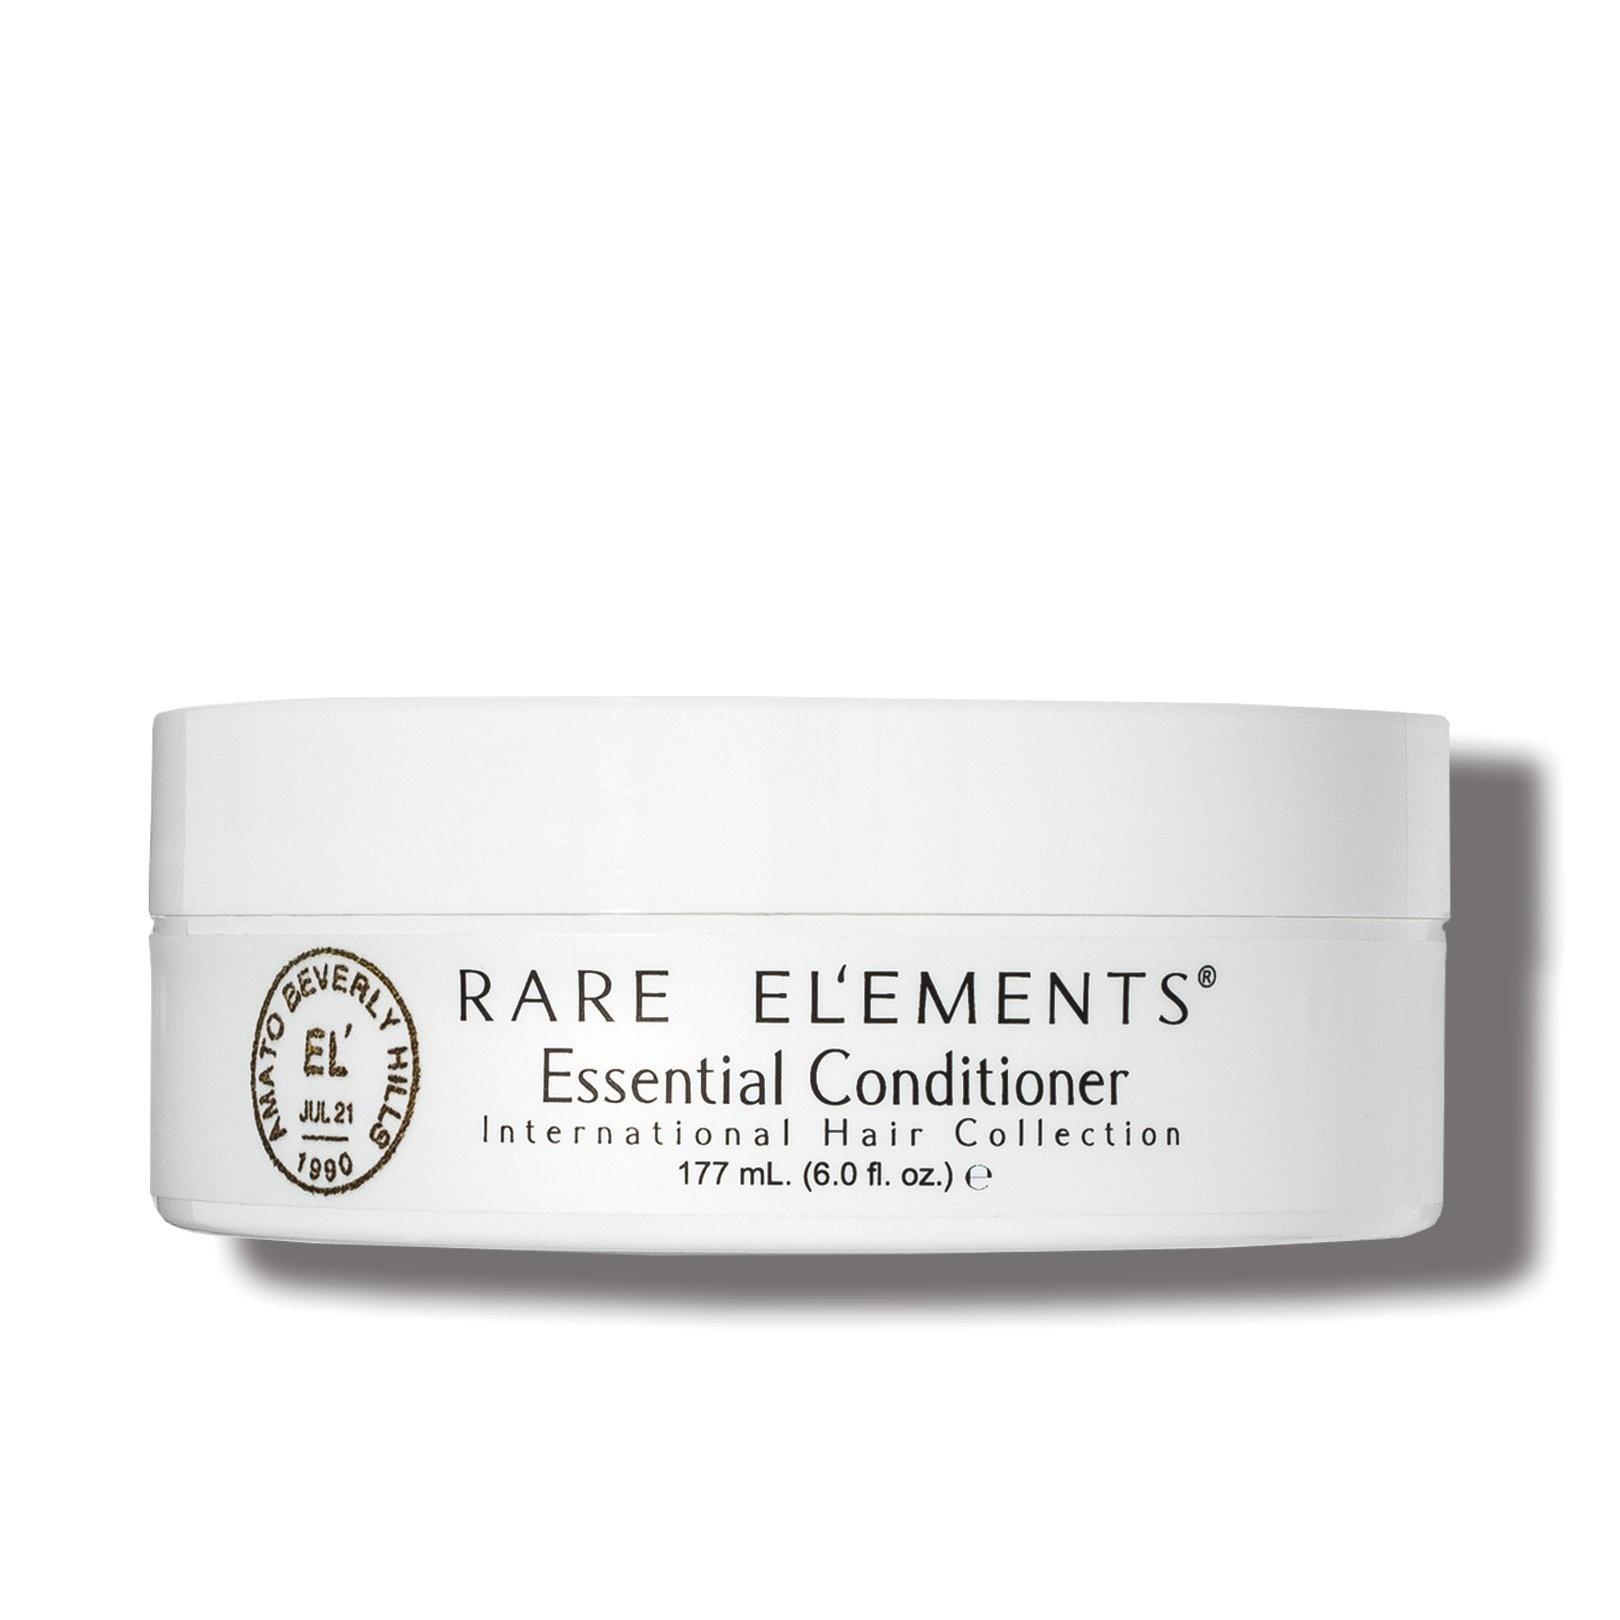 RARE EL'EMENTS Essential Conditioner - 6.5 oz